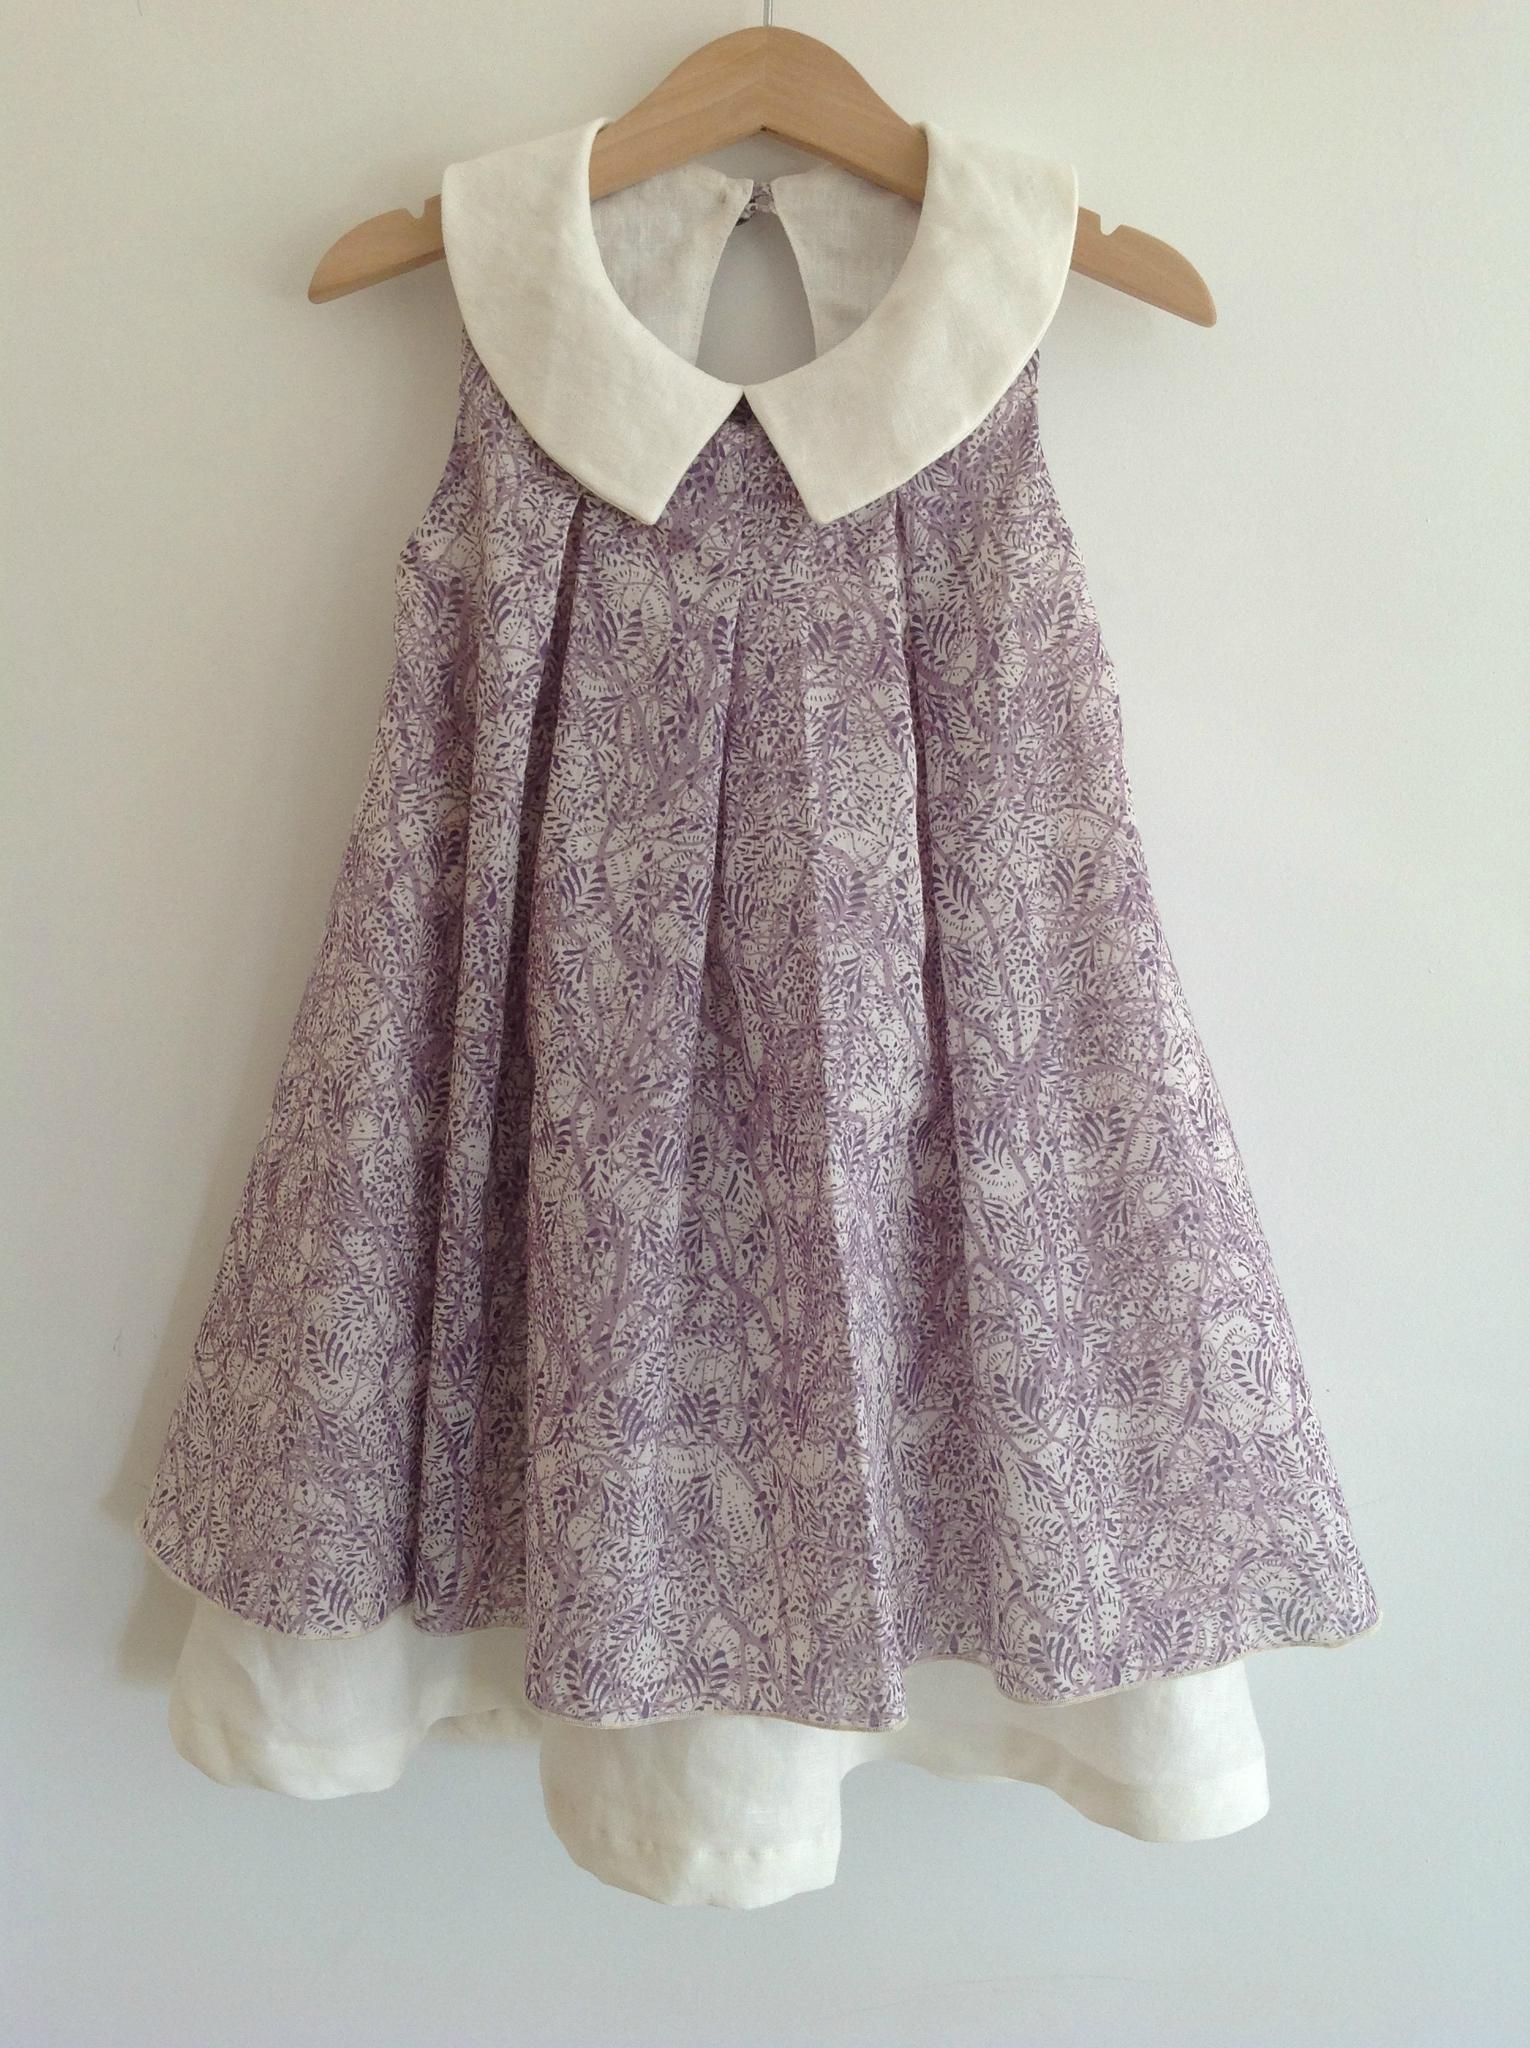 b39151a1c6958 Robe fille 4 ans hiver - Vêtement Aliexpress